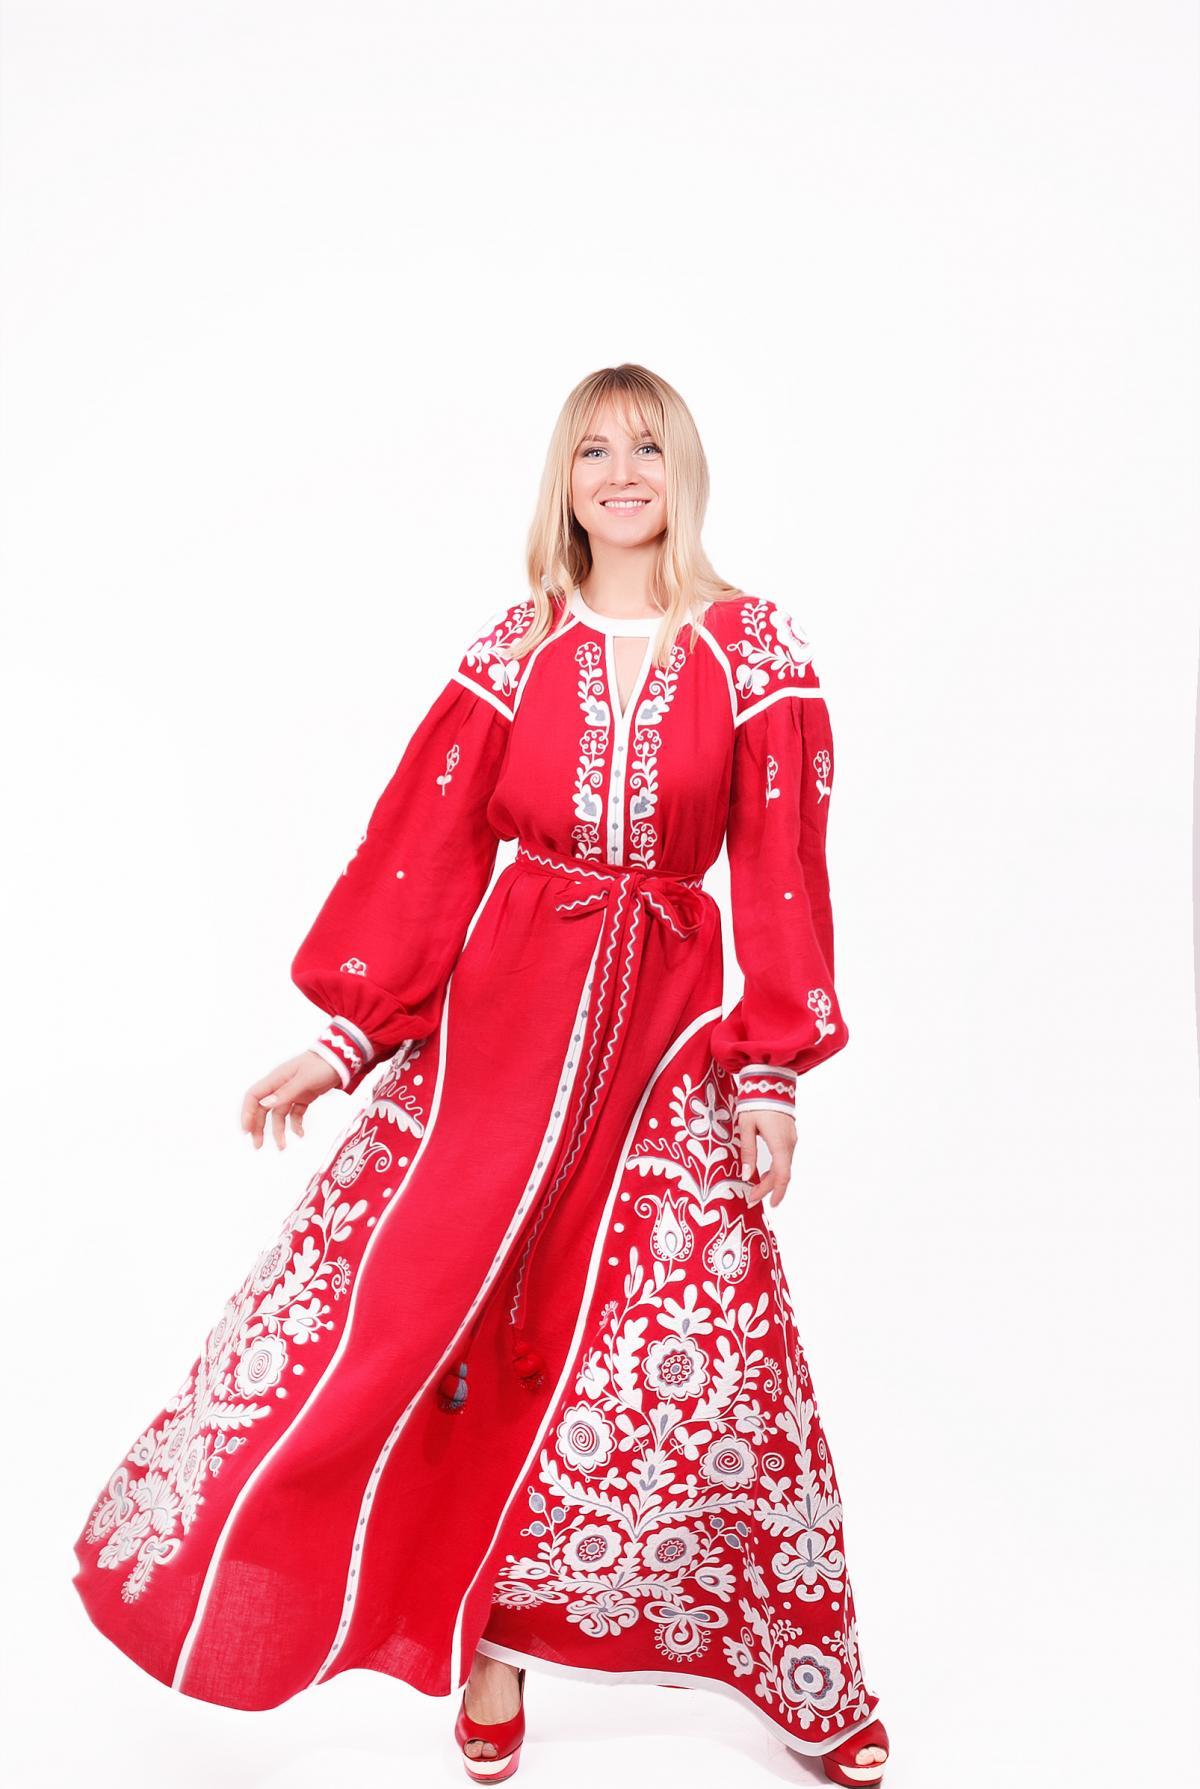 Червона ексклюзивна дизайнерська вишита сукня, довга. Фото №2. | Народний дім Україна